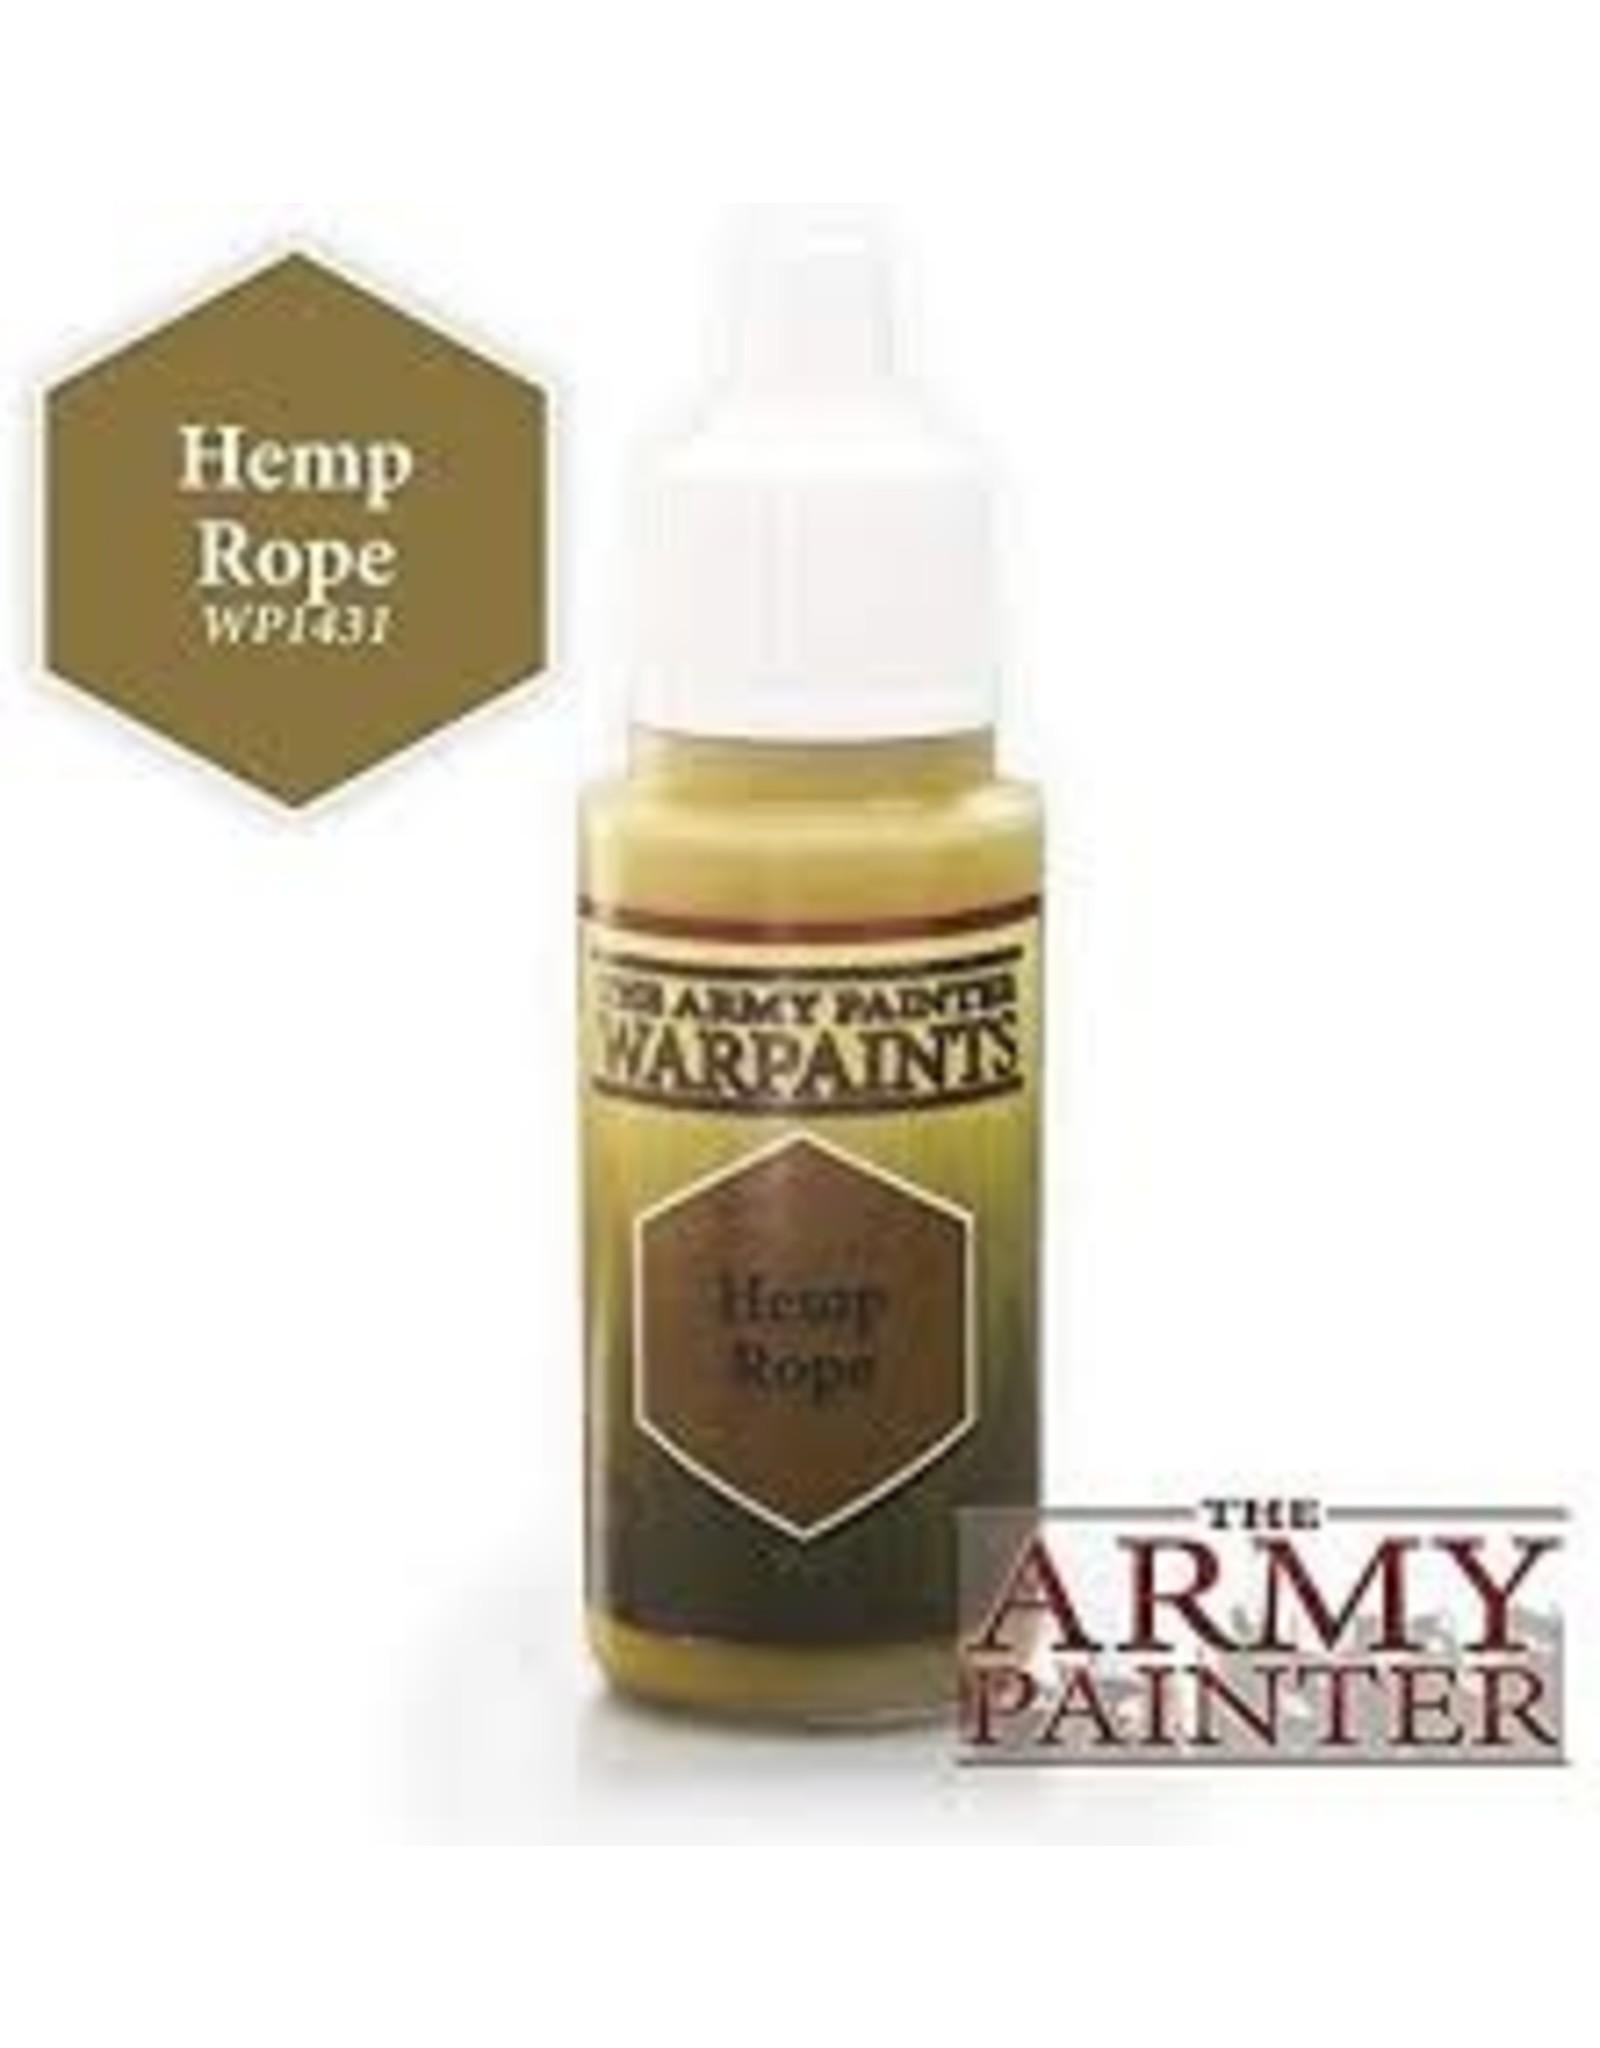 Army Painter Army Painter: Hemp Rope